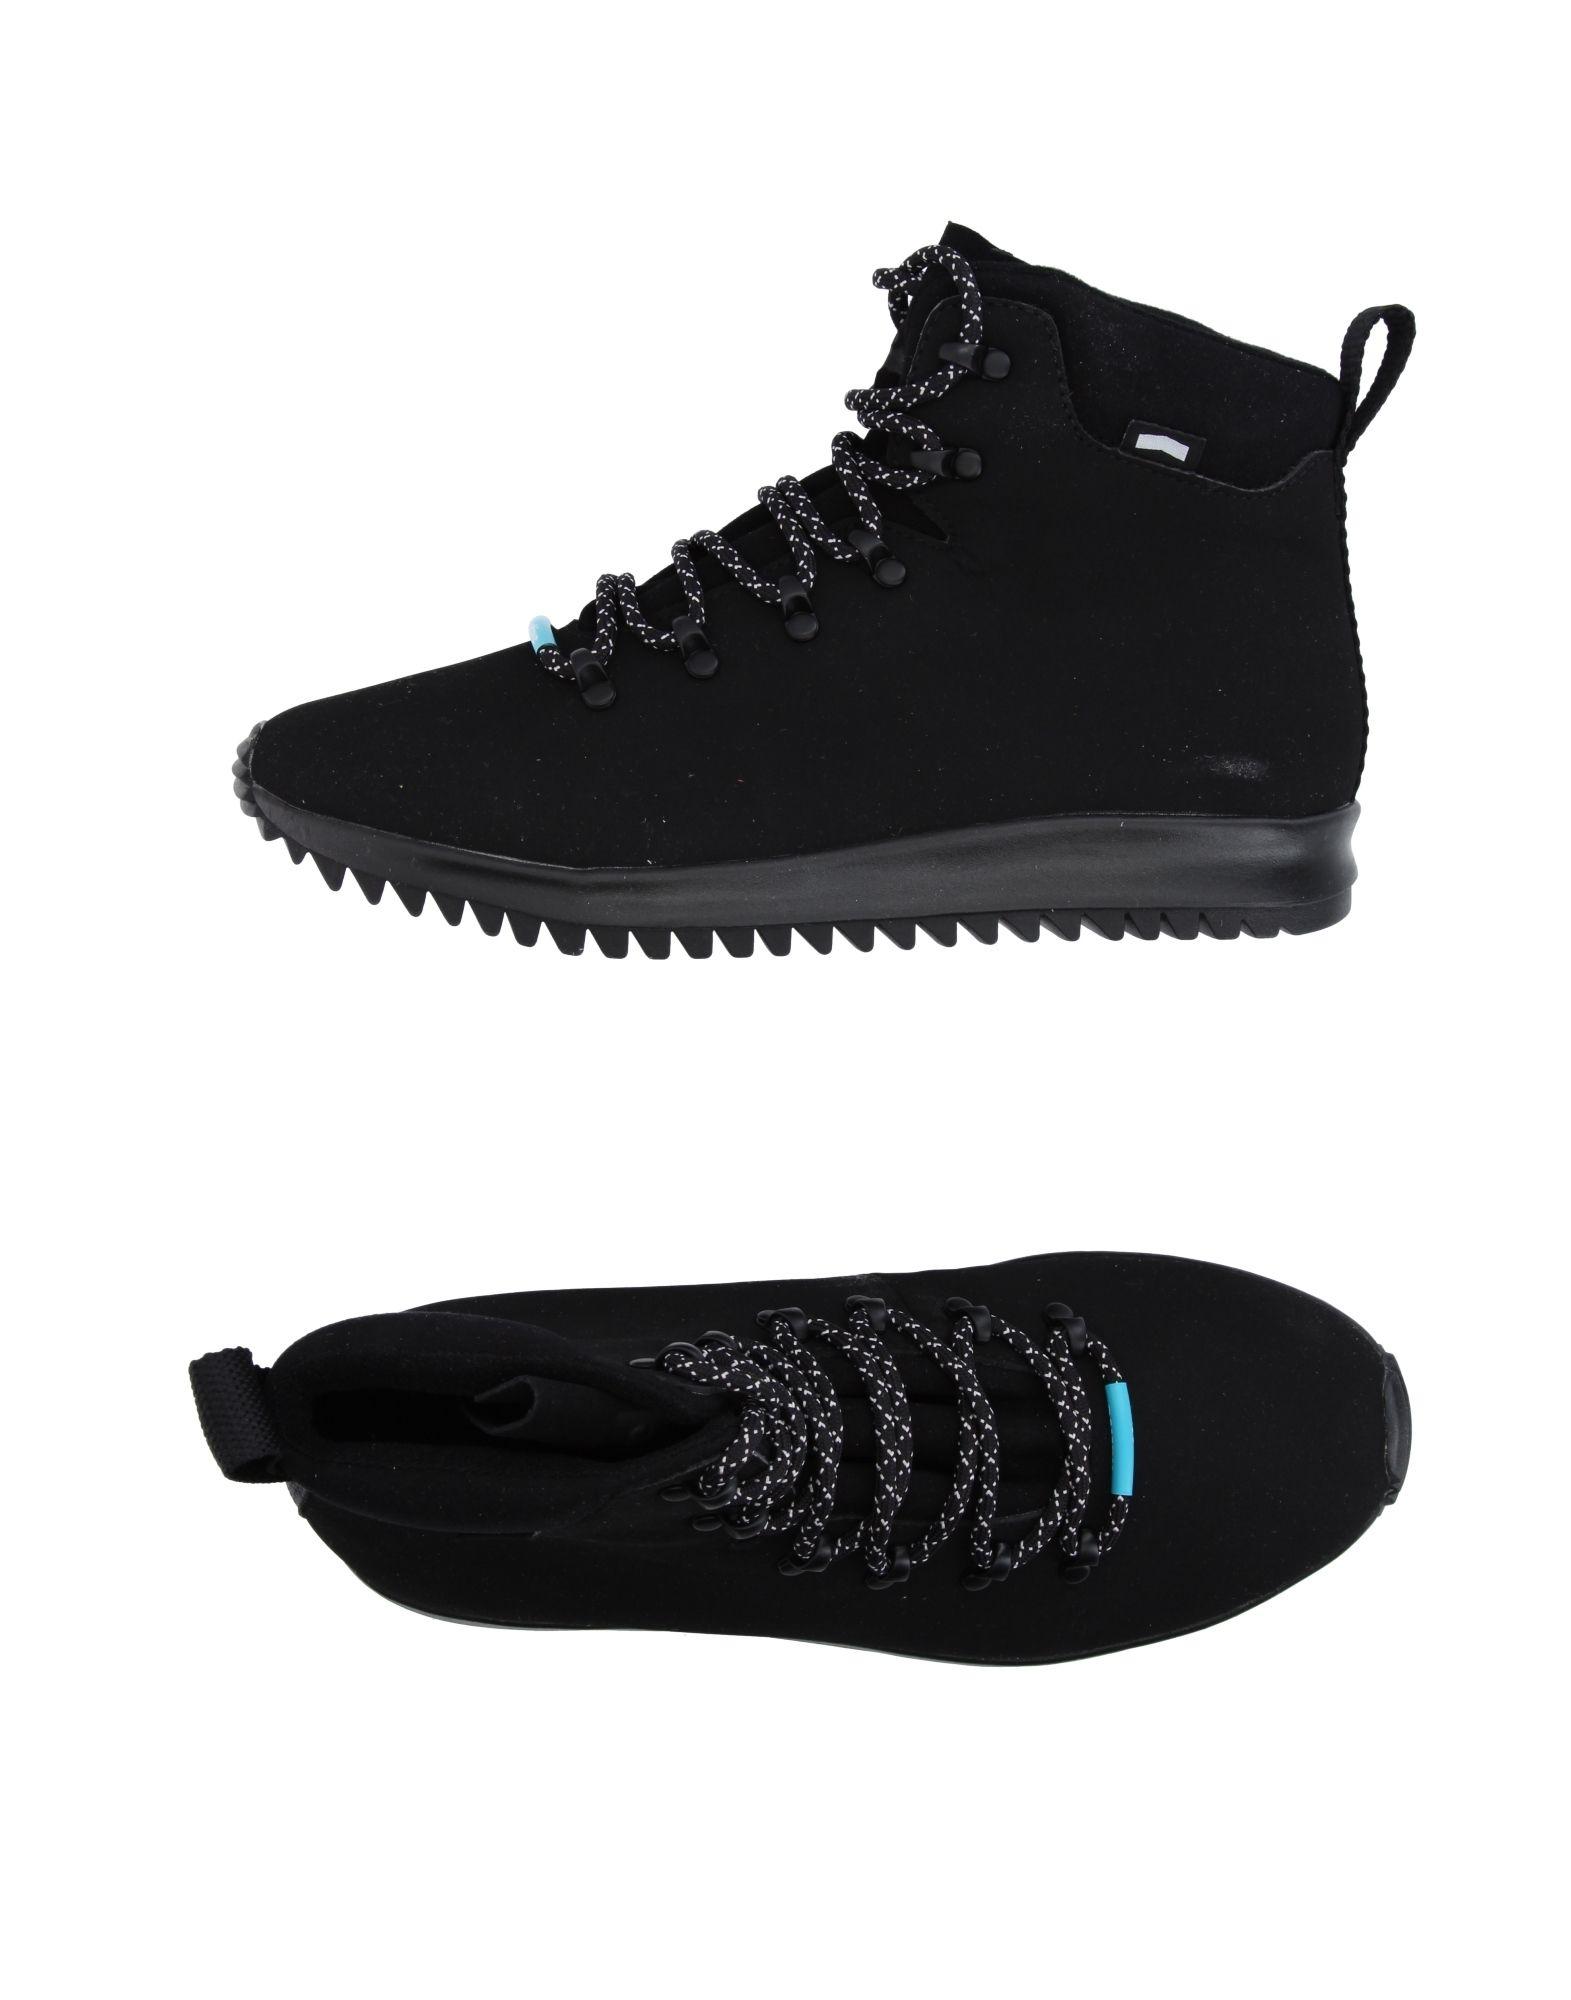 Rabatt echte Schuhe Native Sneakers 11222575XR Herren  11222575XR Sneakers 6042f7